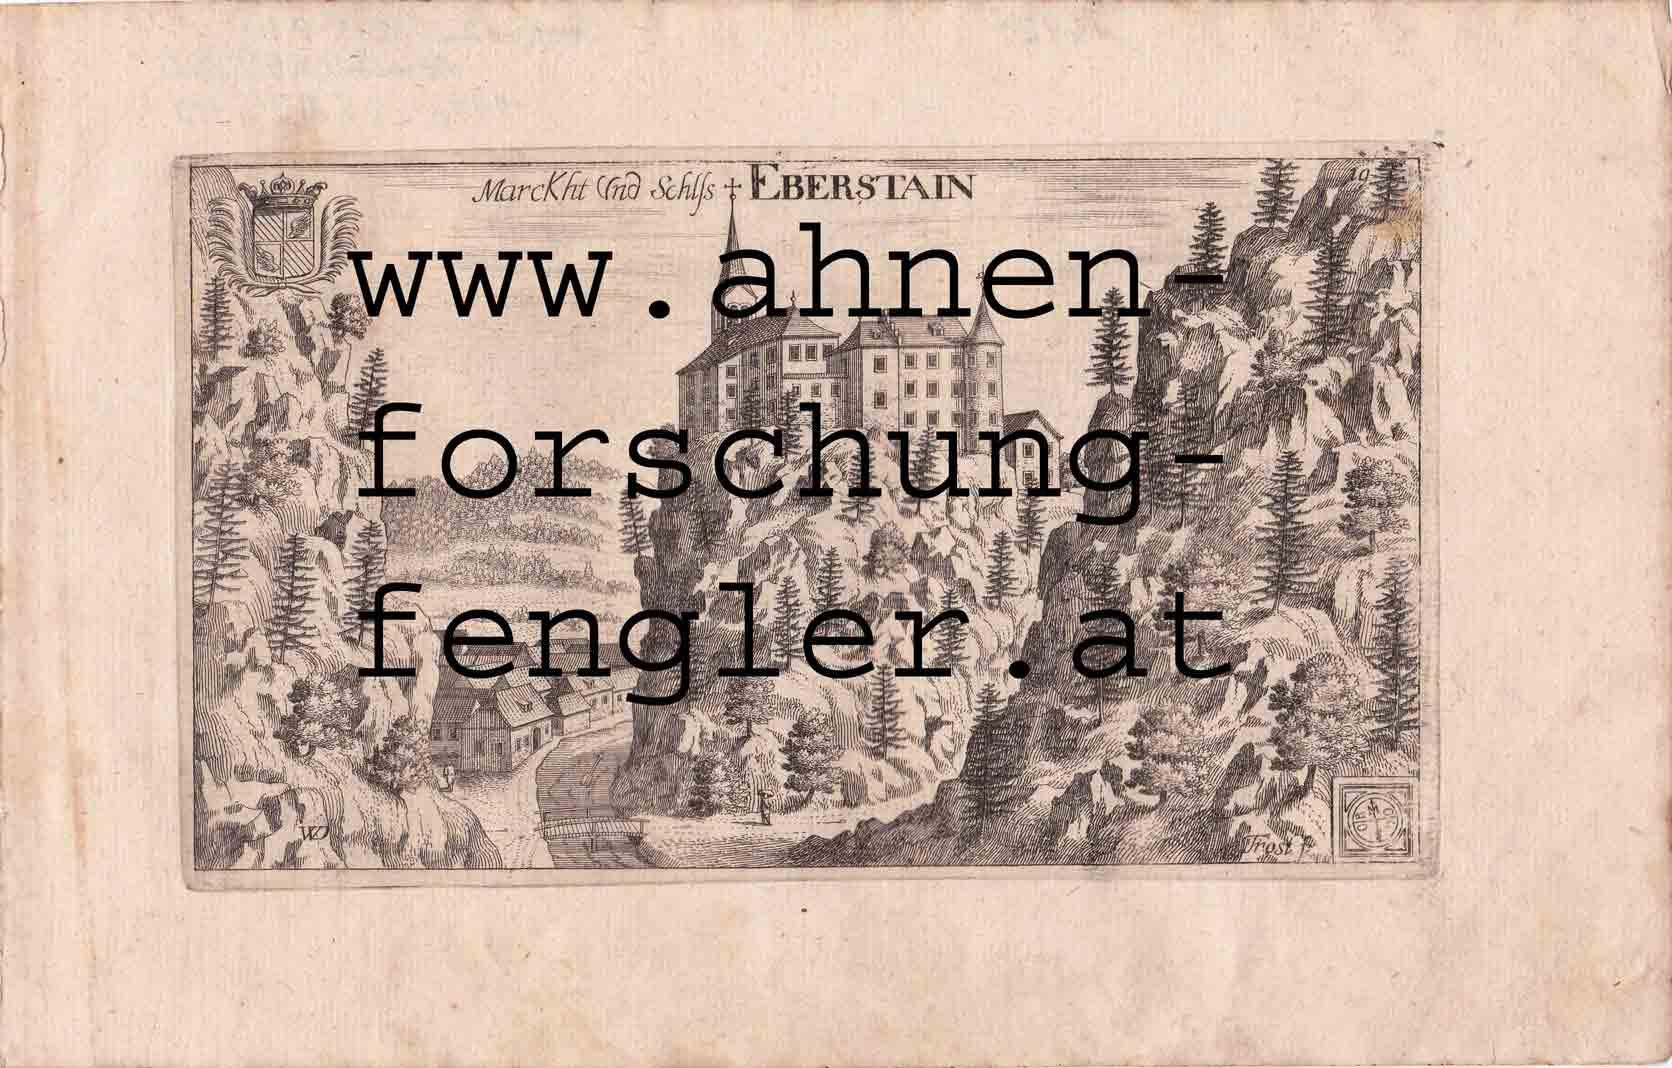 205014-Eberstein